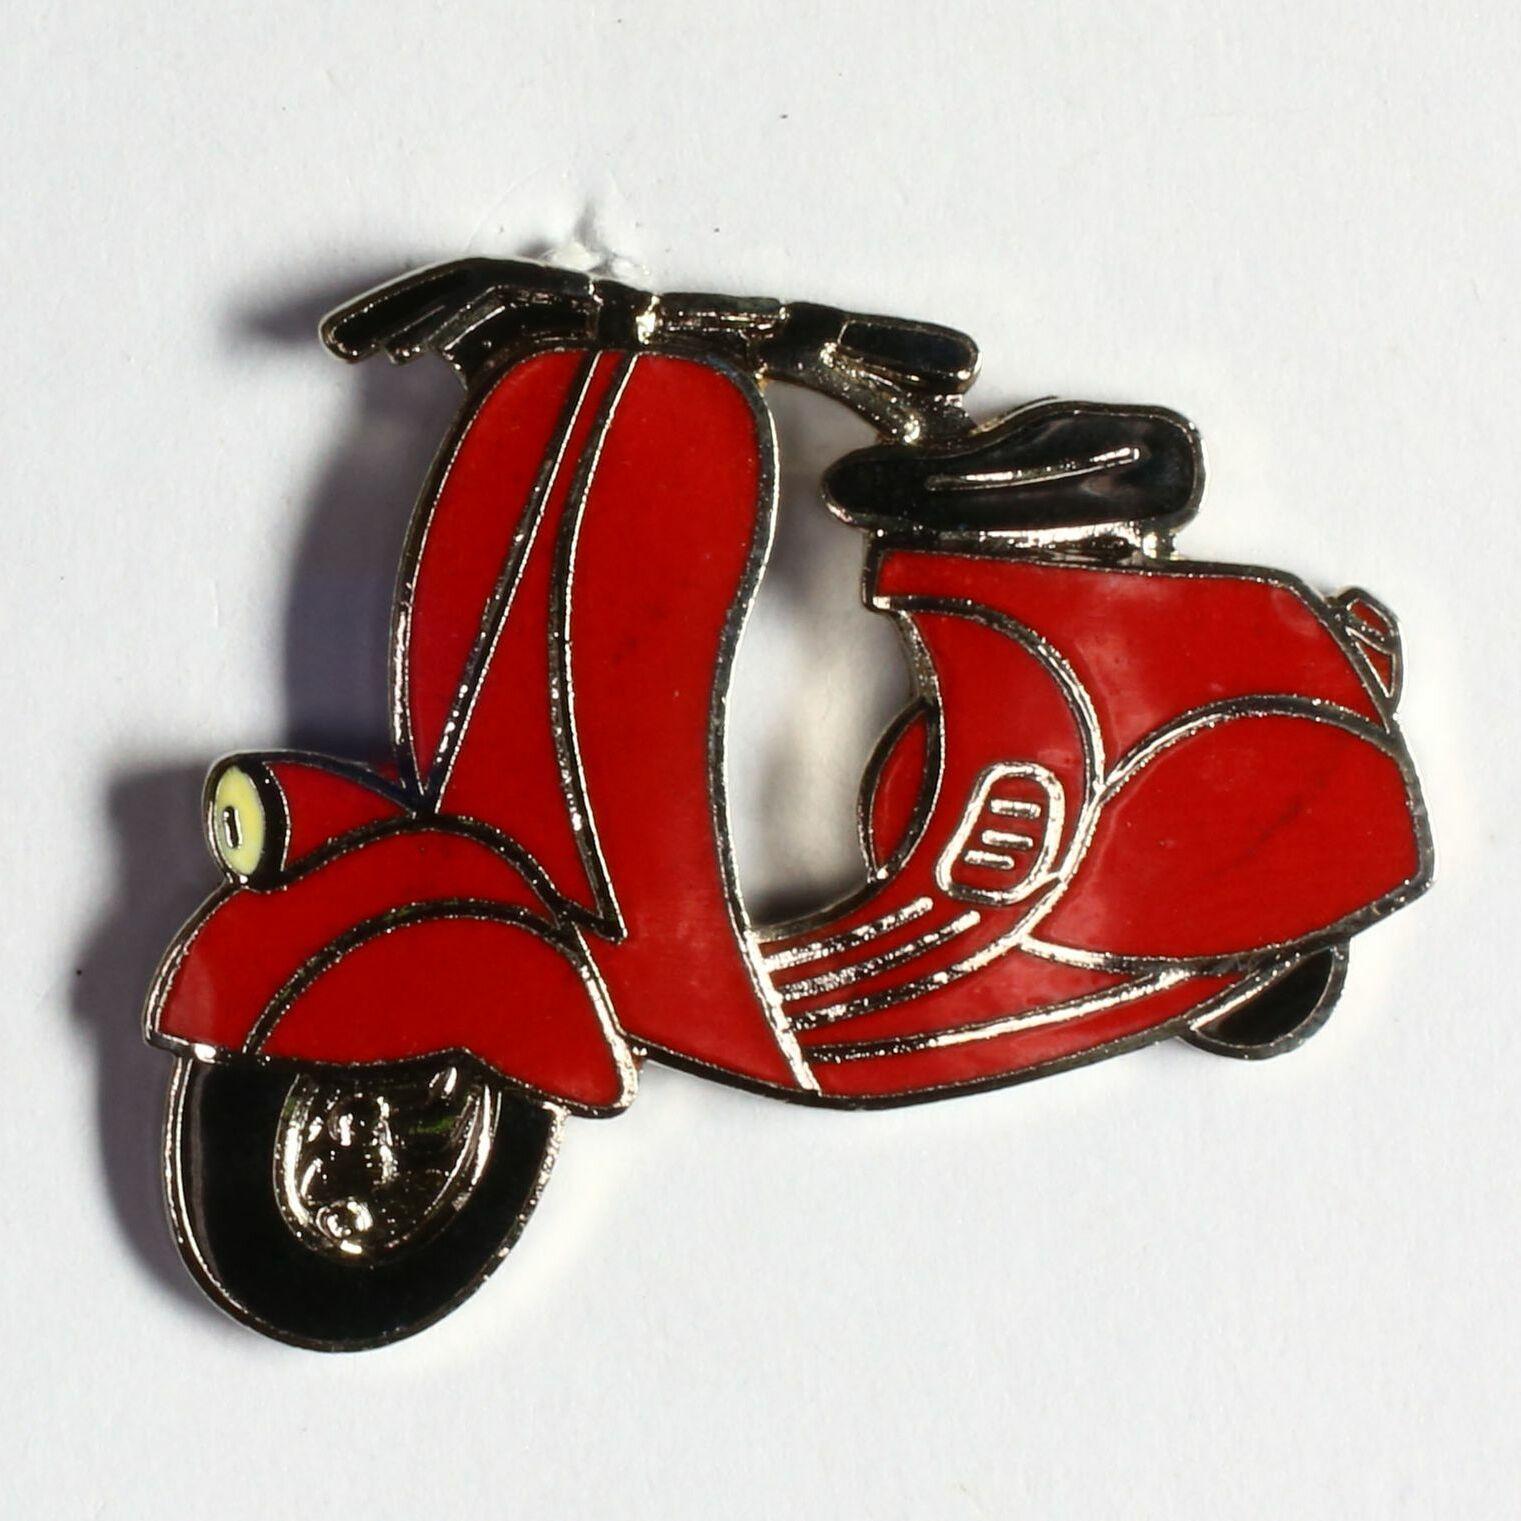 Vespa rouge selle noire